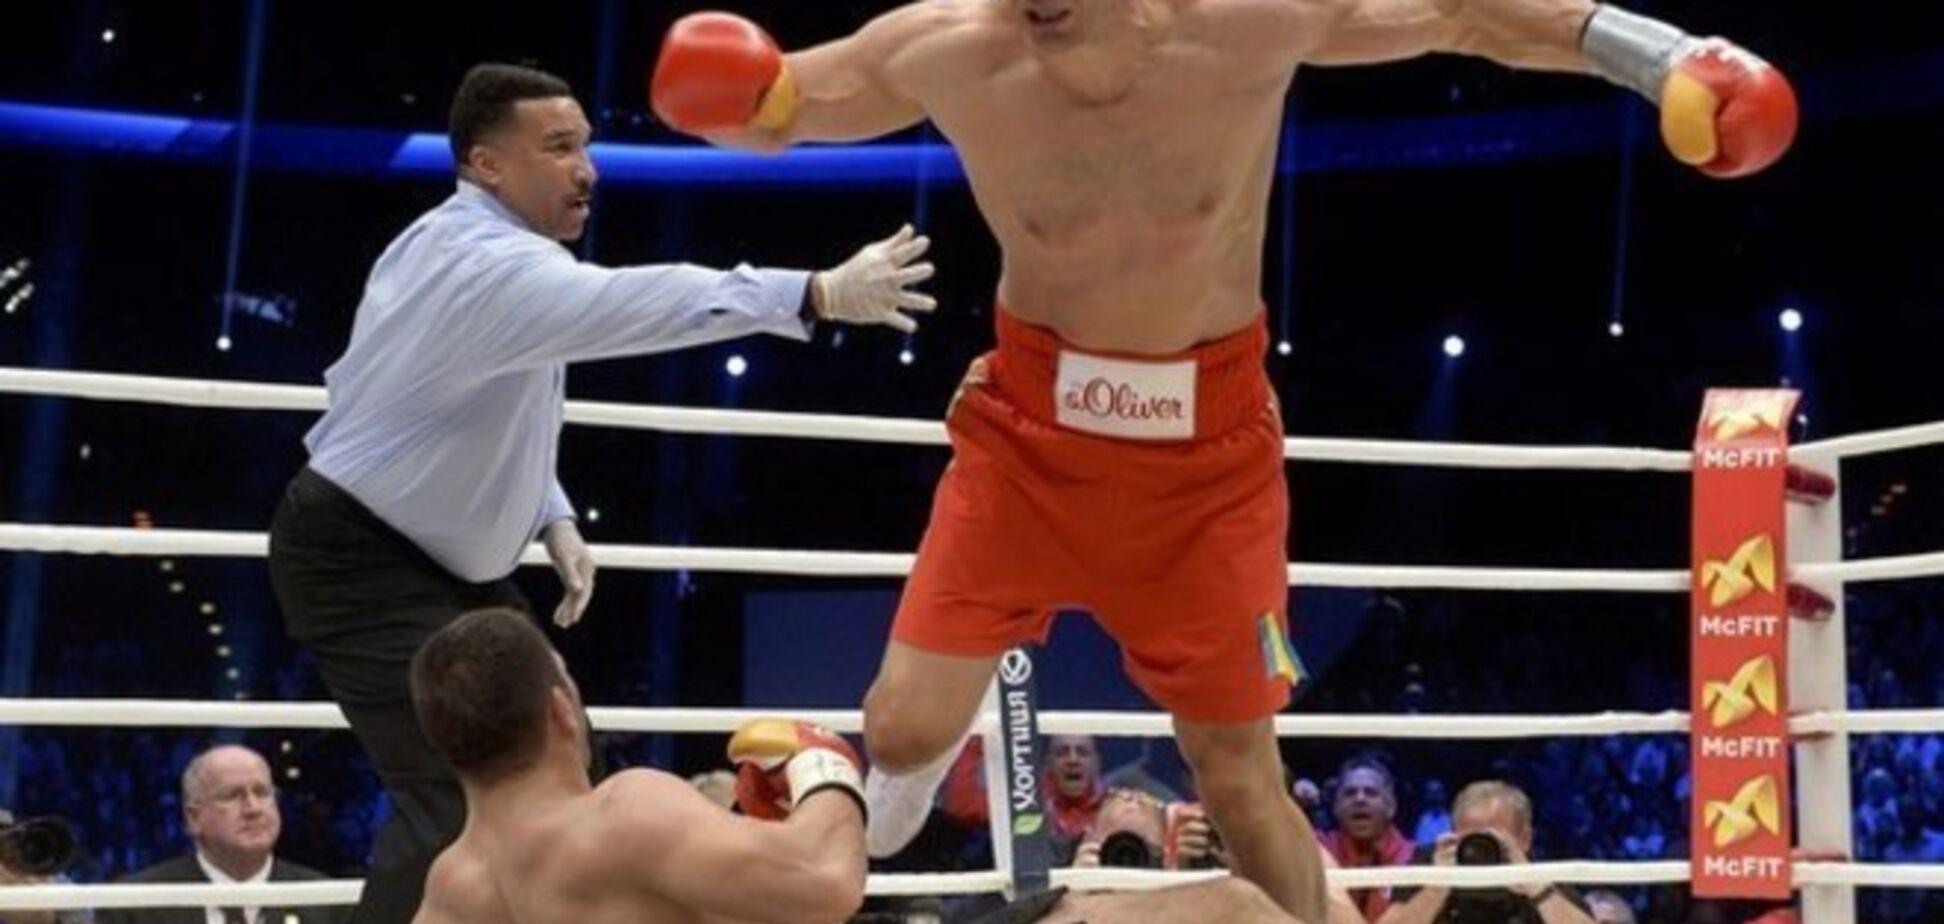 Владимир Кличко жестоко избил непобедимого Пулева: видео нокаута